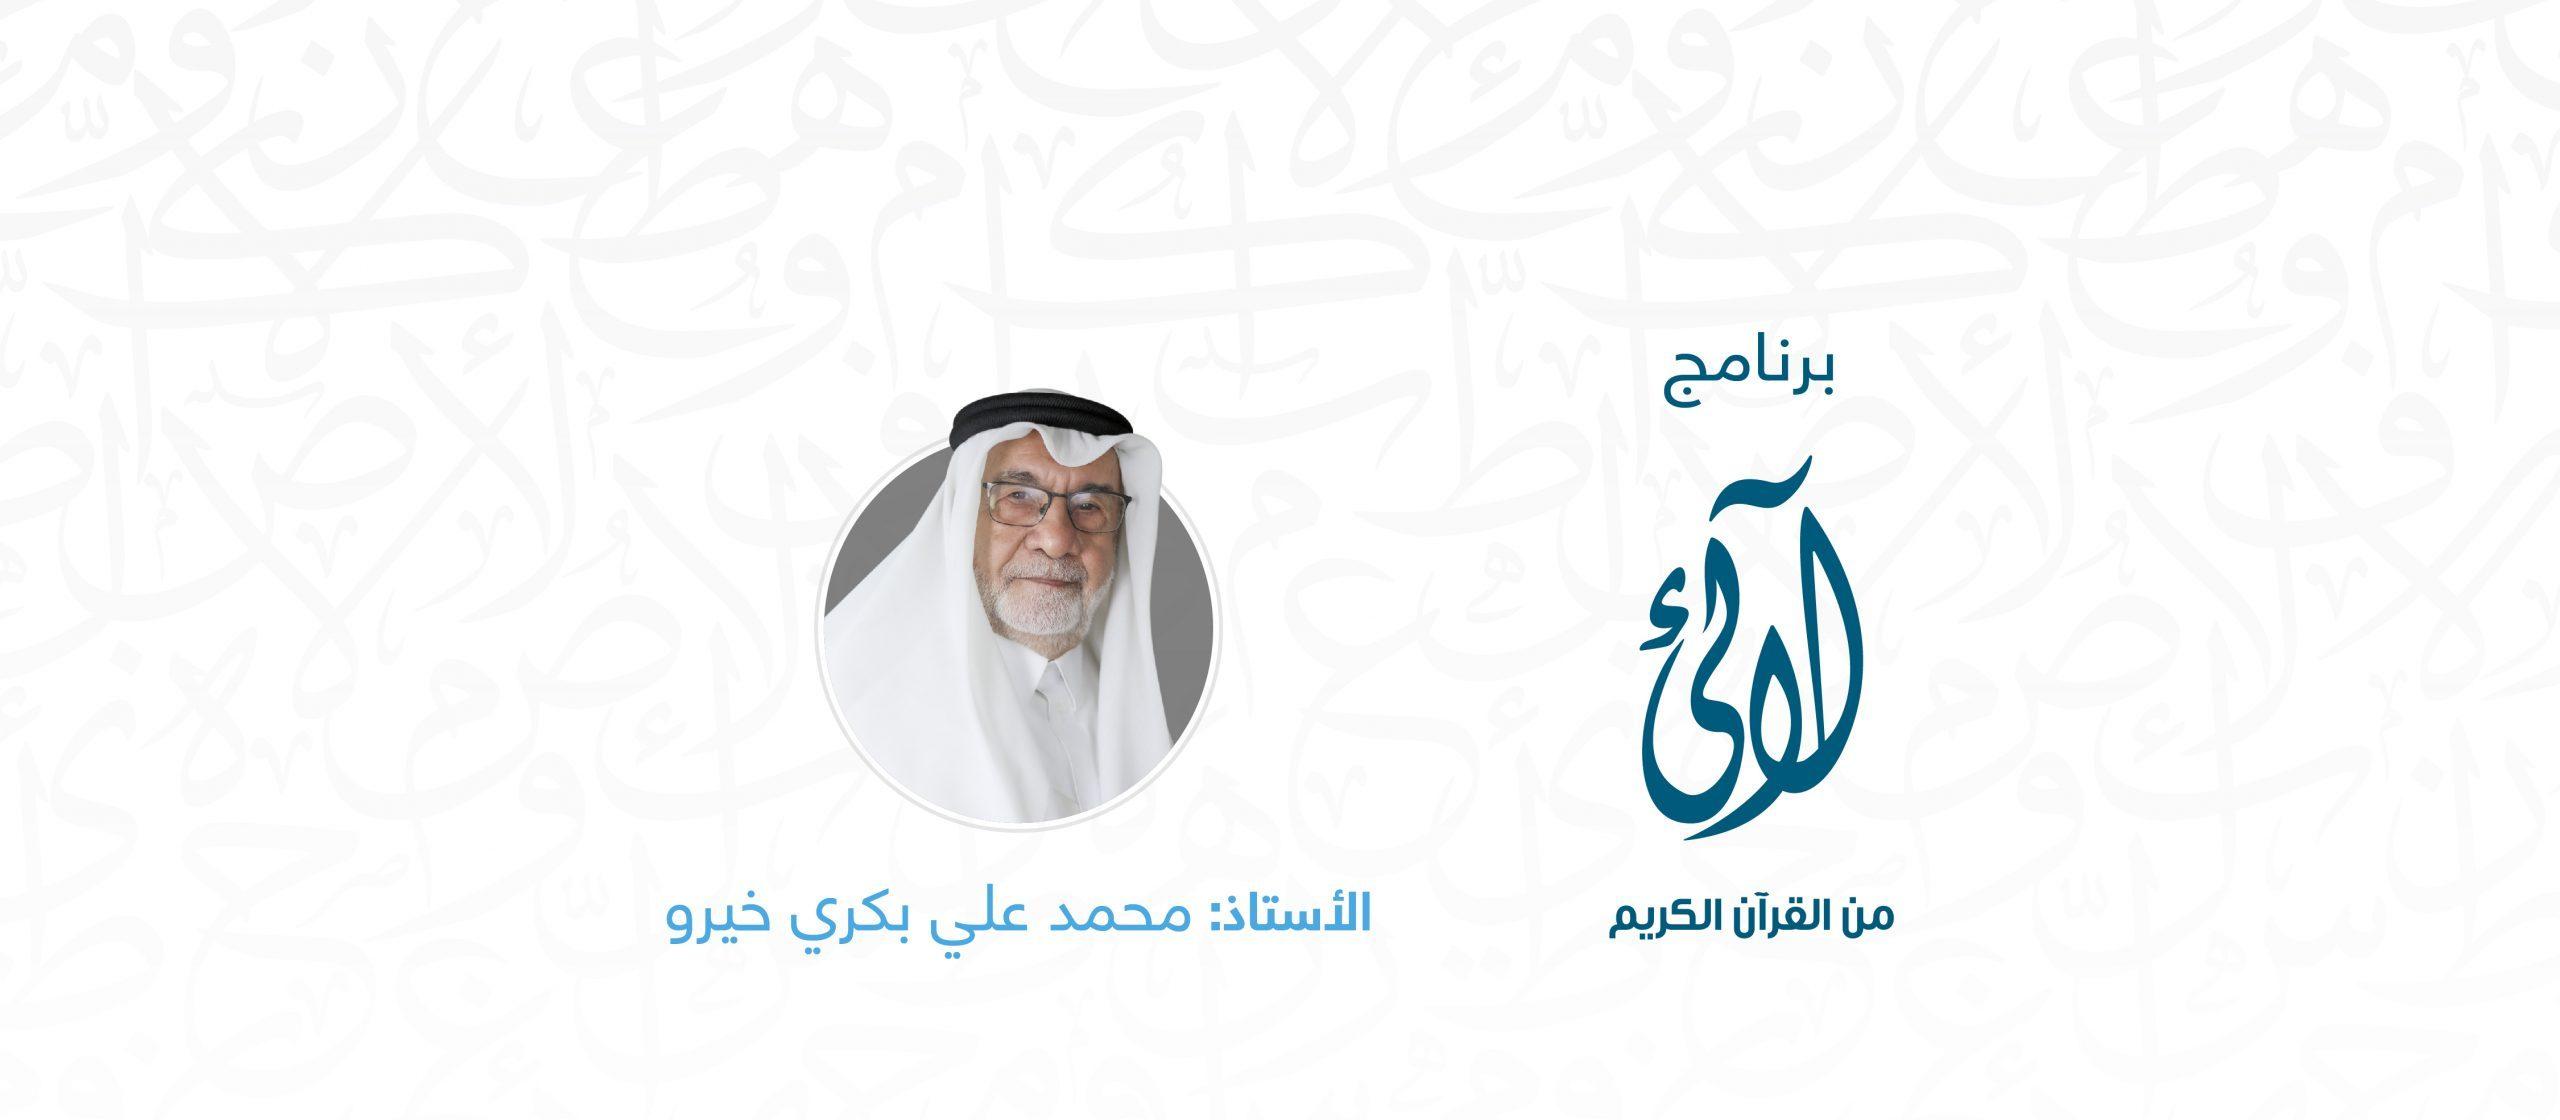 برنامج لآلئ من القرآن الكريم banner